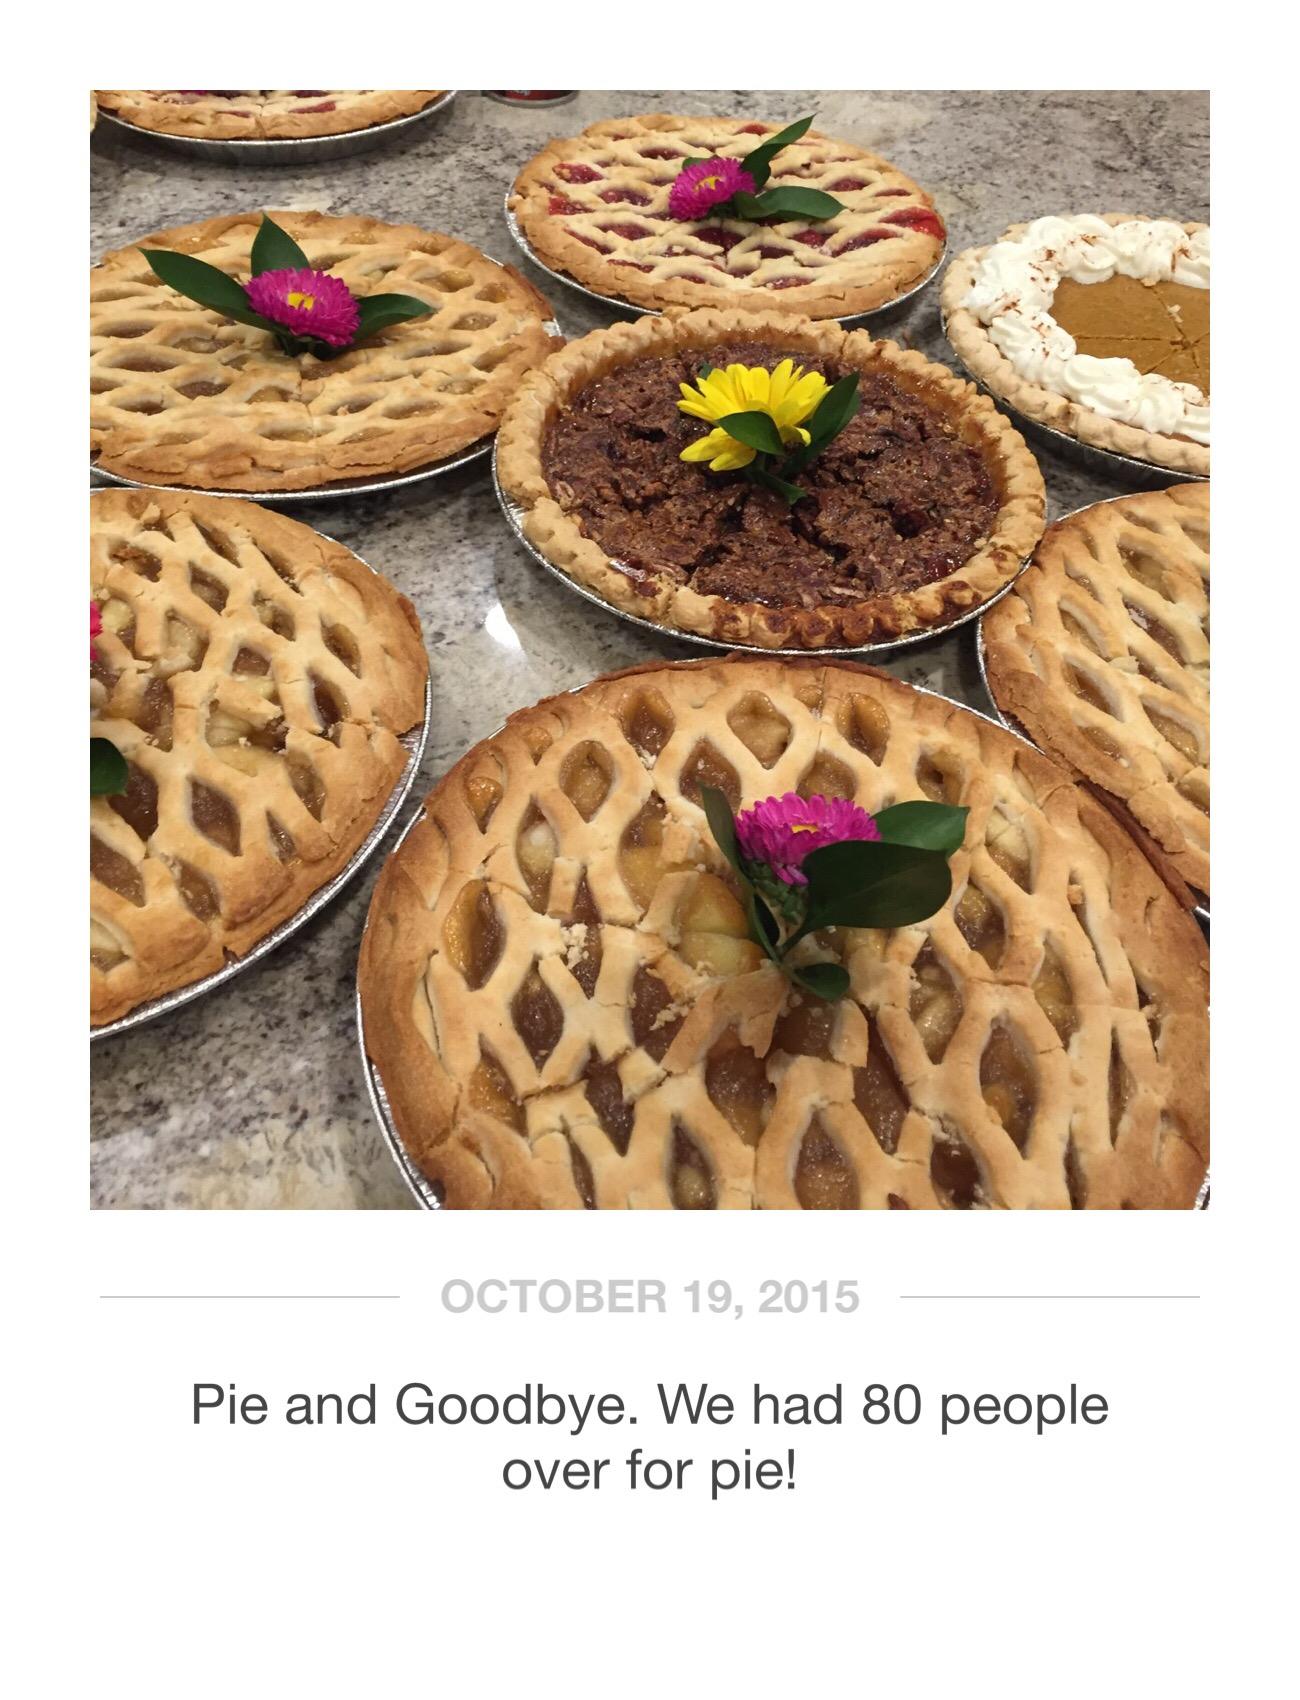 pie for 80 people.jpg